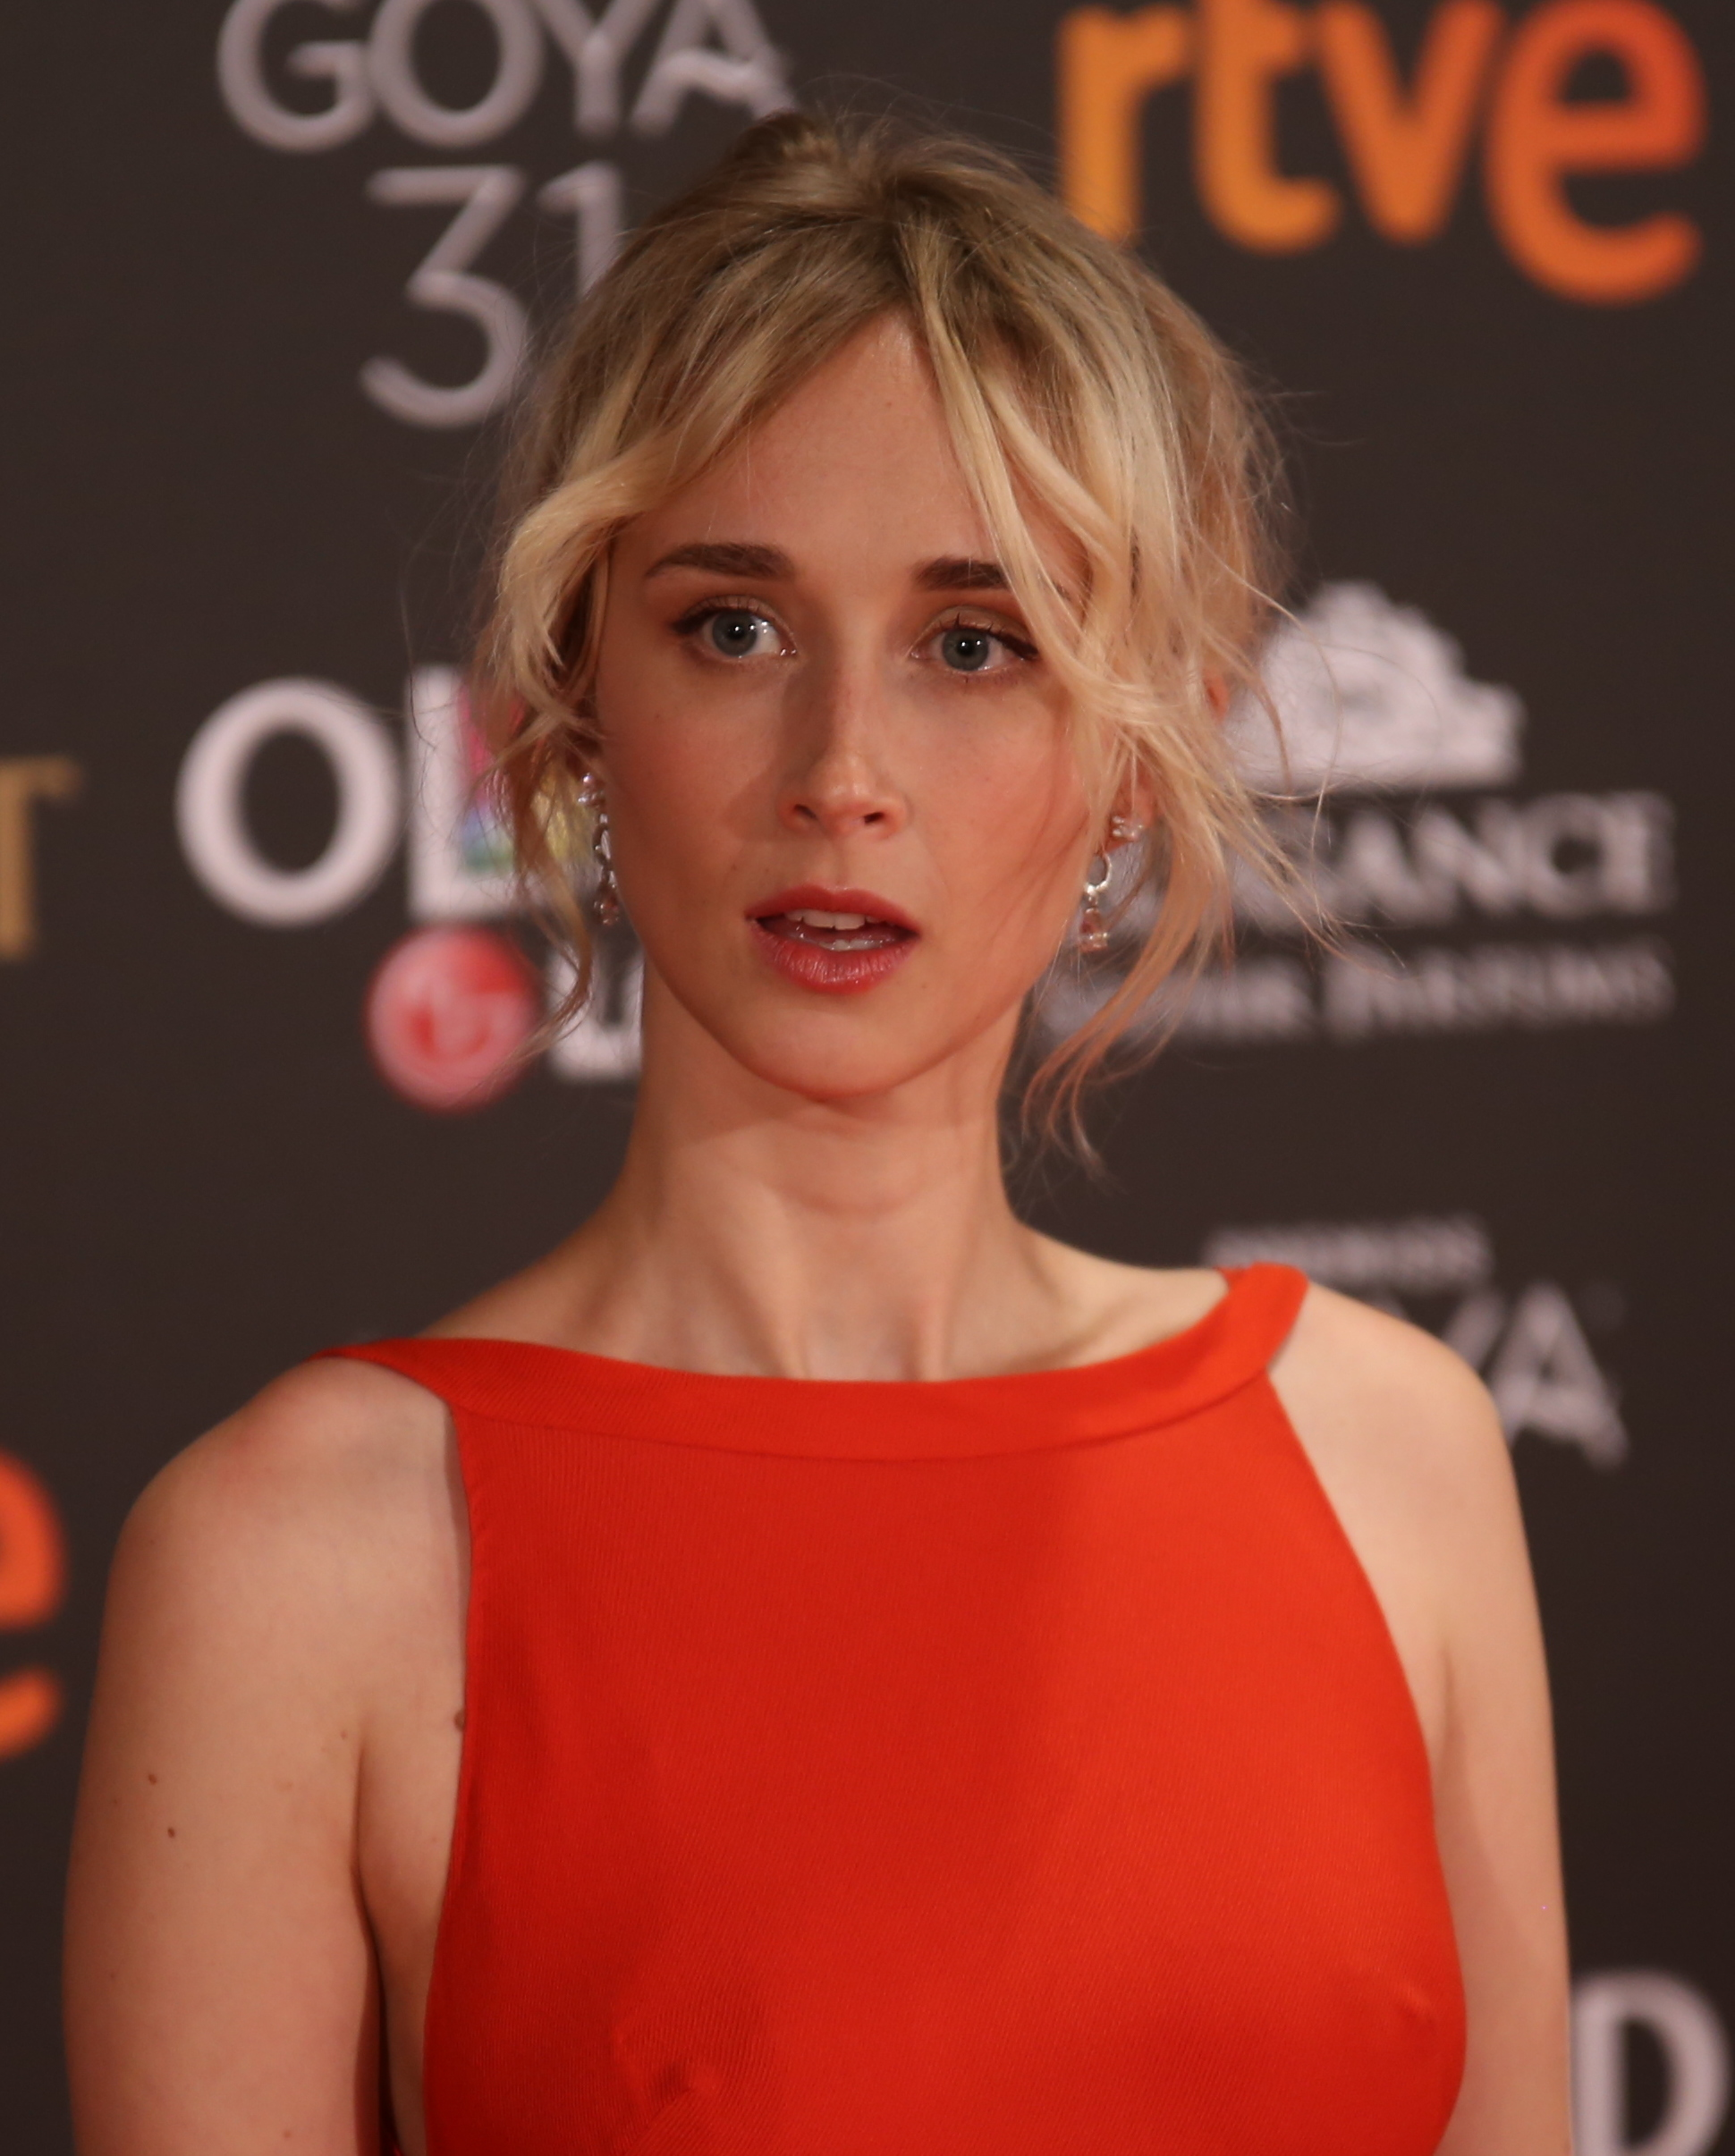 TOP famosas charco - Página 3 Ingrid_Garc%C3%ADa_Jonsson_at_Premios_Goya_2017_%28cropped%29